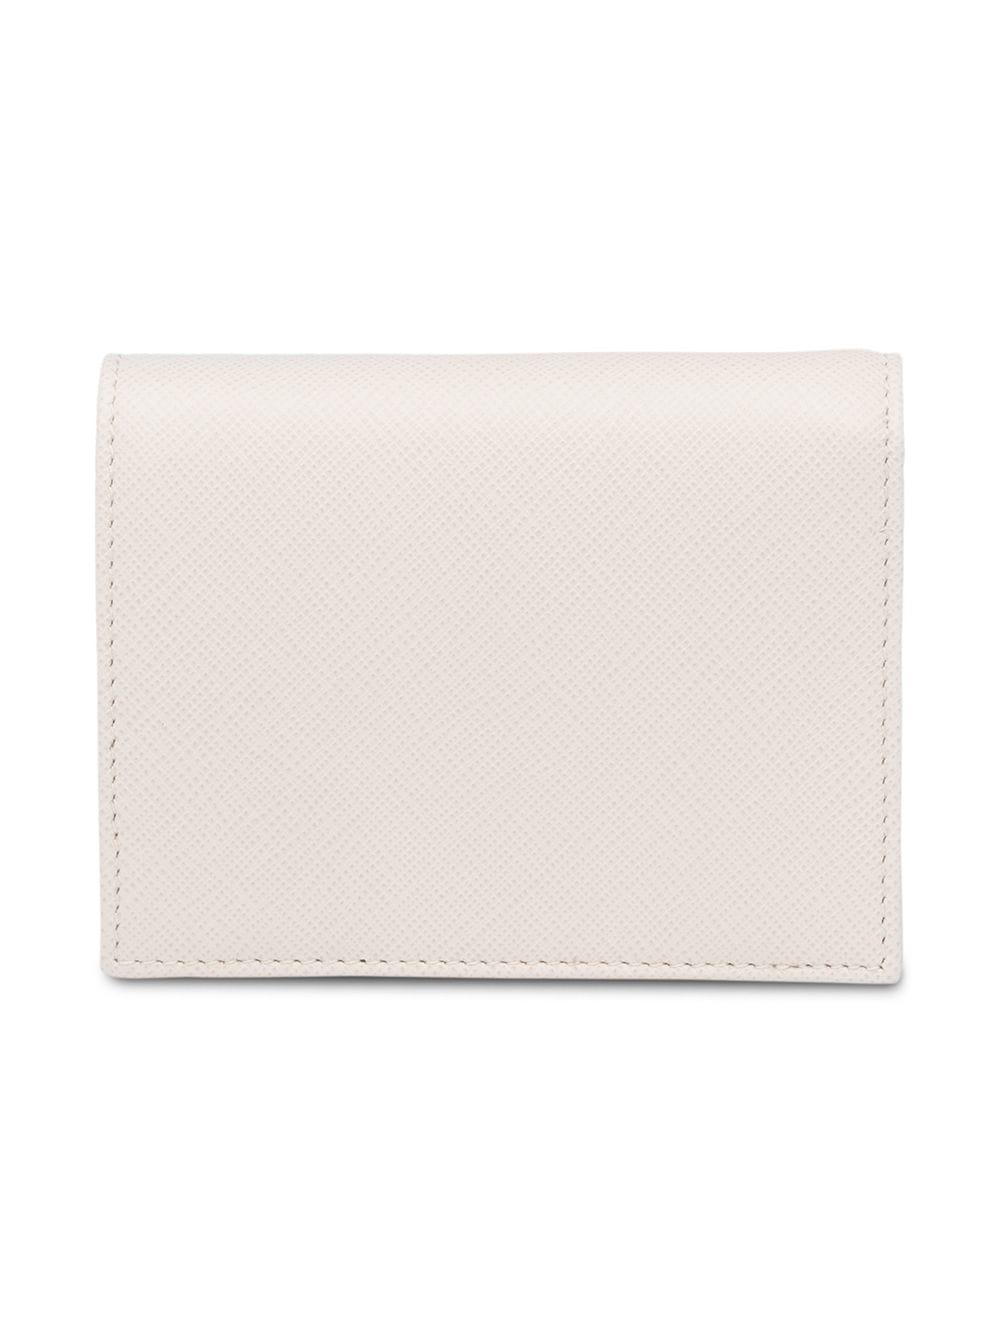 3099e1a2fe66 Prada Small Saffiano Leather Wallet in White - Lyst